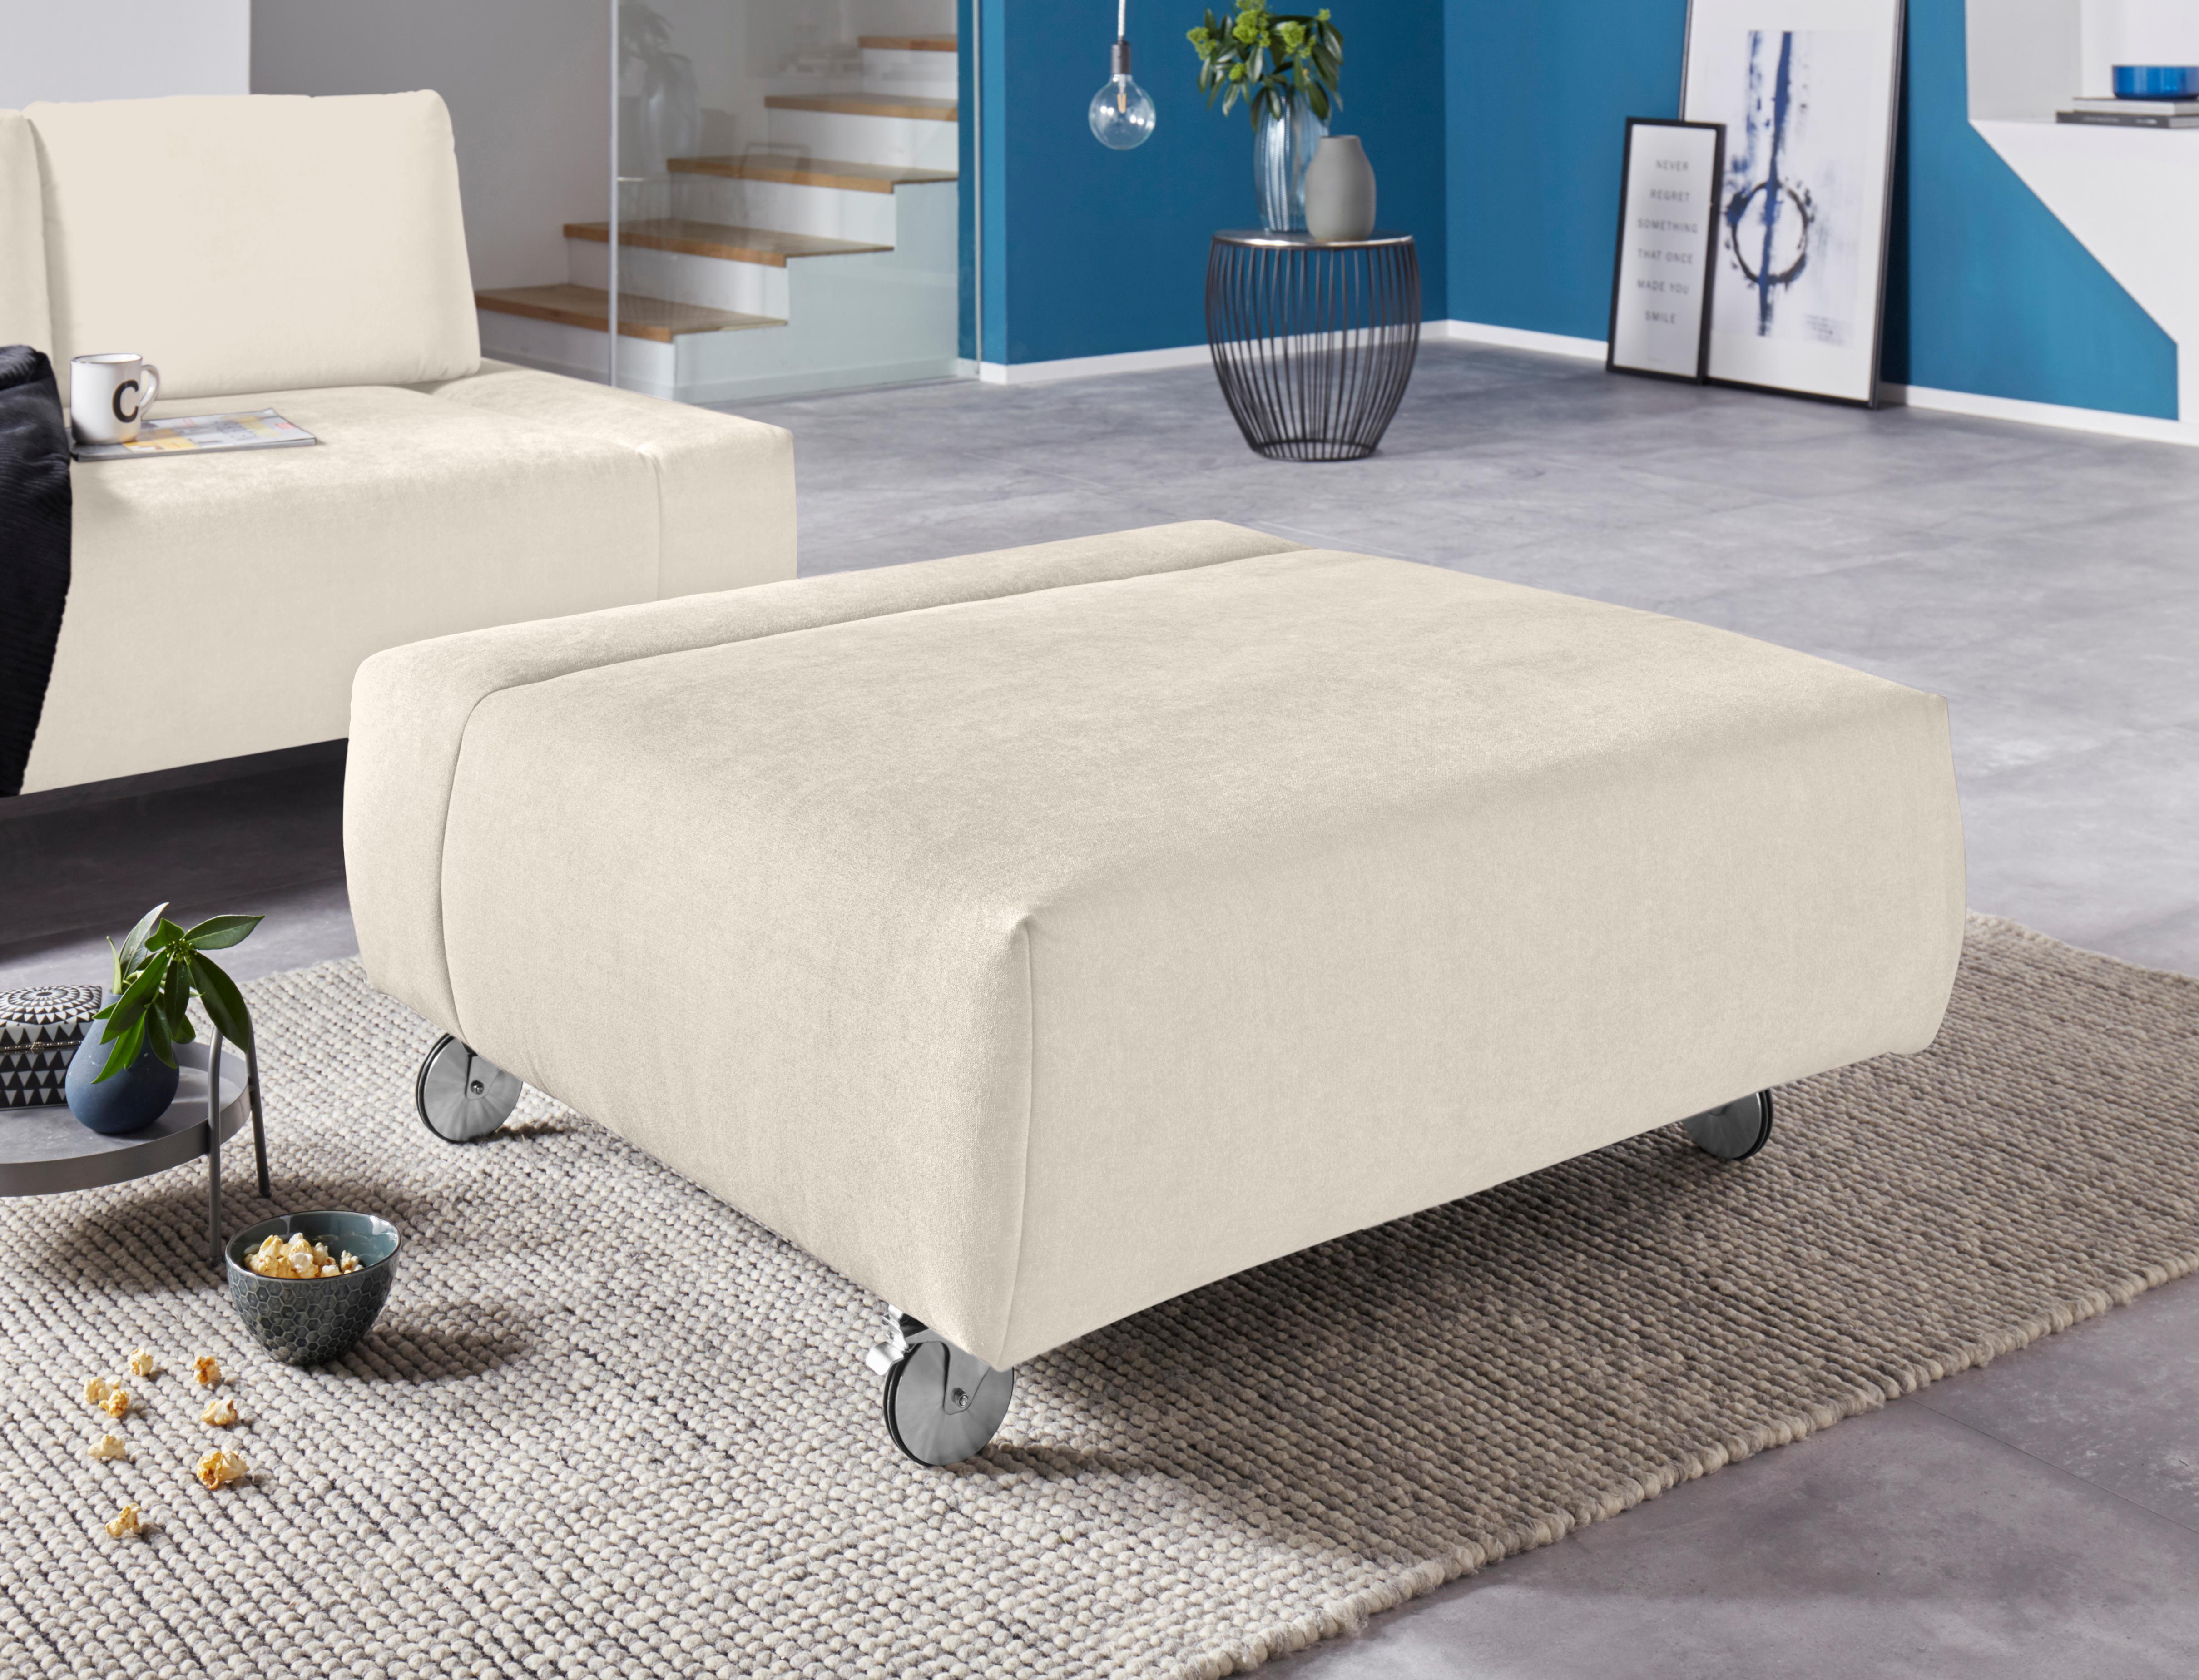 sit&more Polsterhocker | Wohnzimmer > Hocker & Poufs | Sit&More